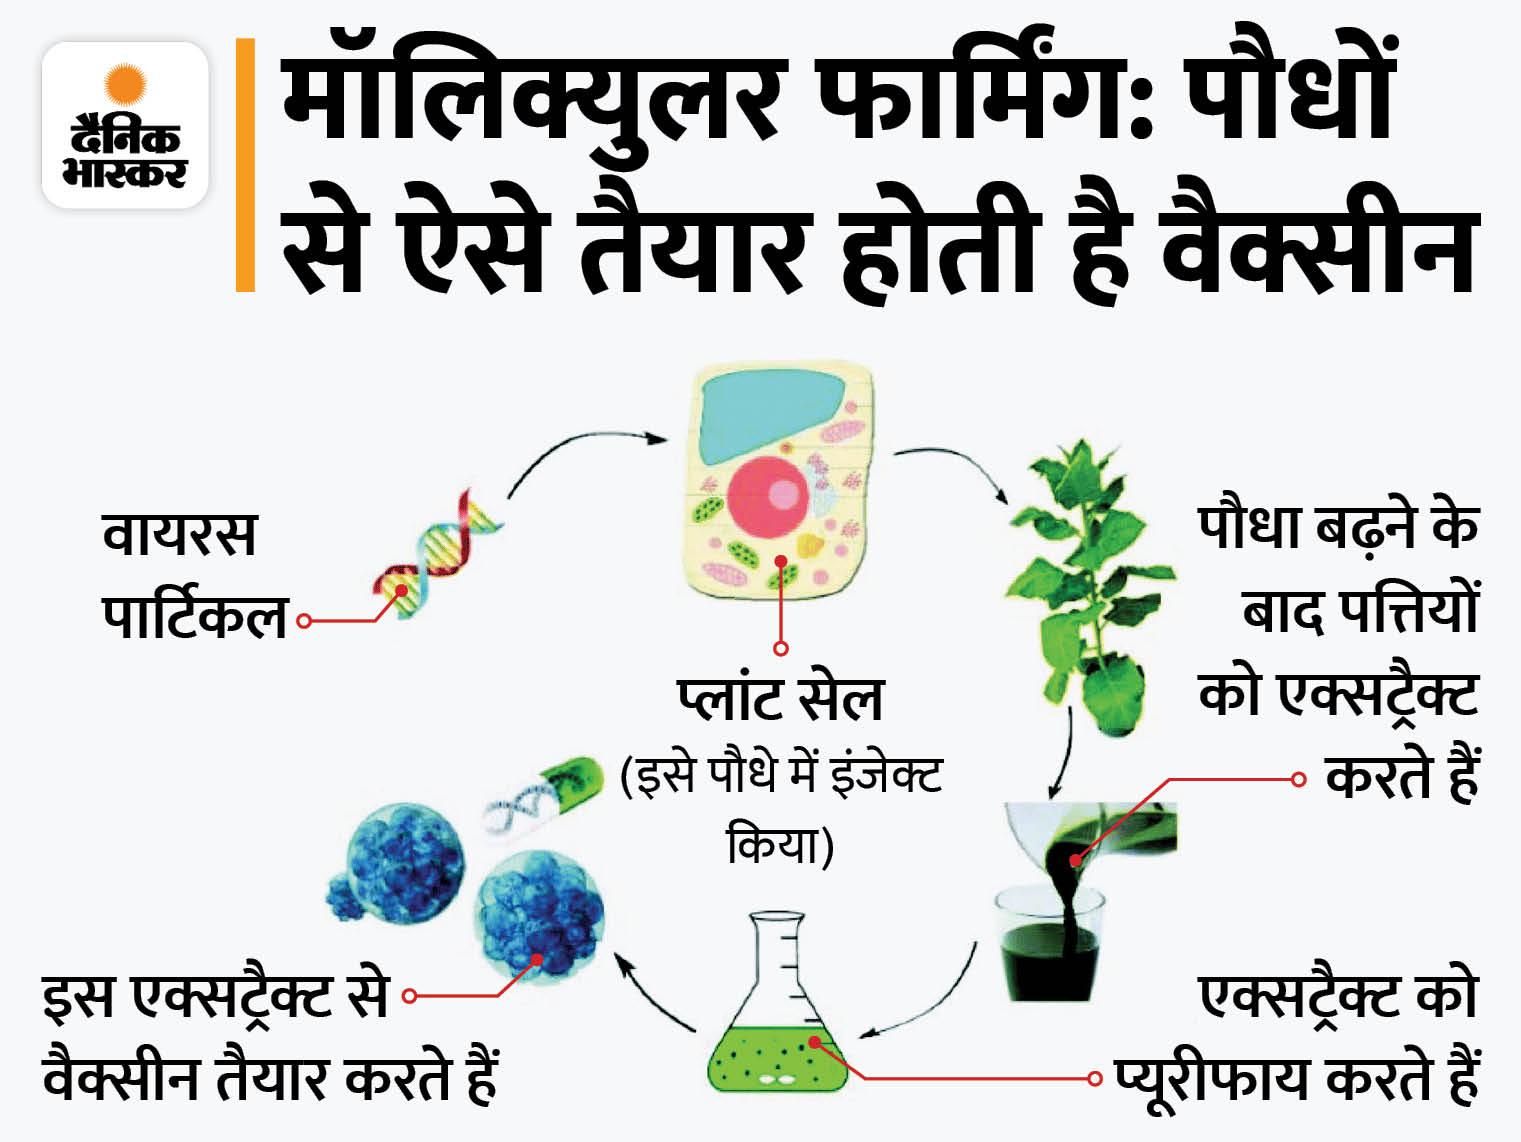 पौधे से बनाई कोविड-19 की वैक्सीन CoVLP; वैज्ञानिकों का दावा- इस तकनीक से तैयार टीके की कीमत बेहद कम होगी|लाइफ & साइंस,Happy Life - Dainik Bhaskar